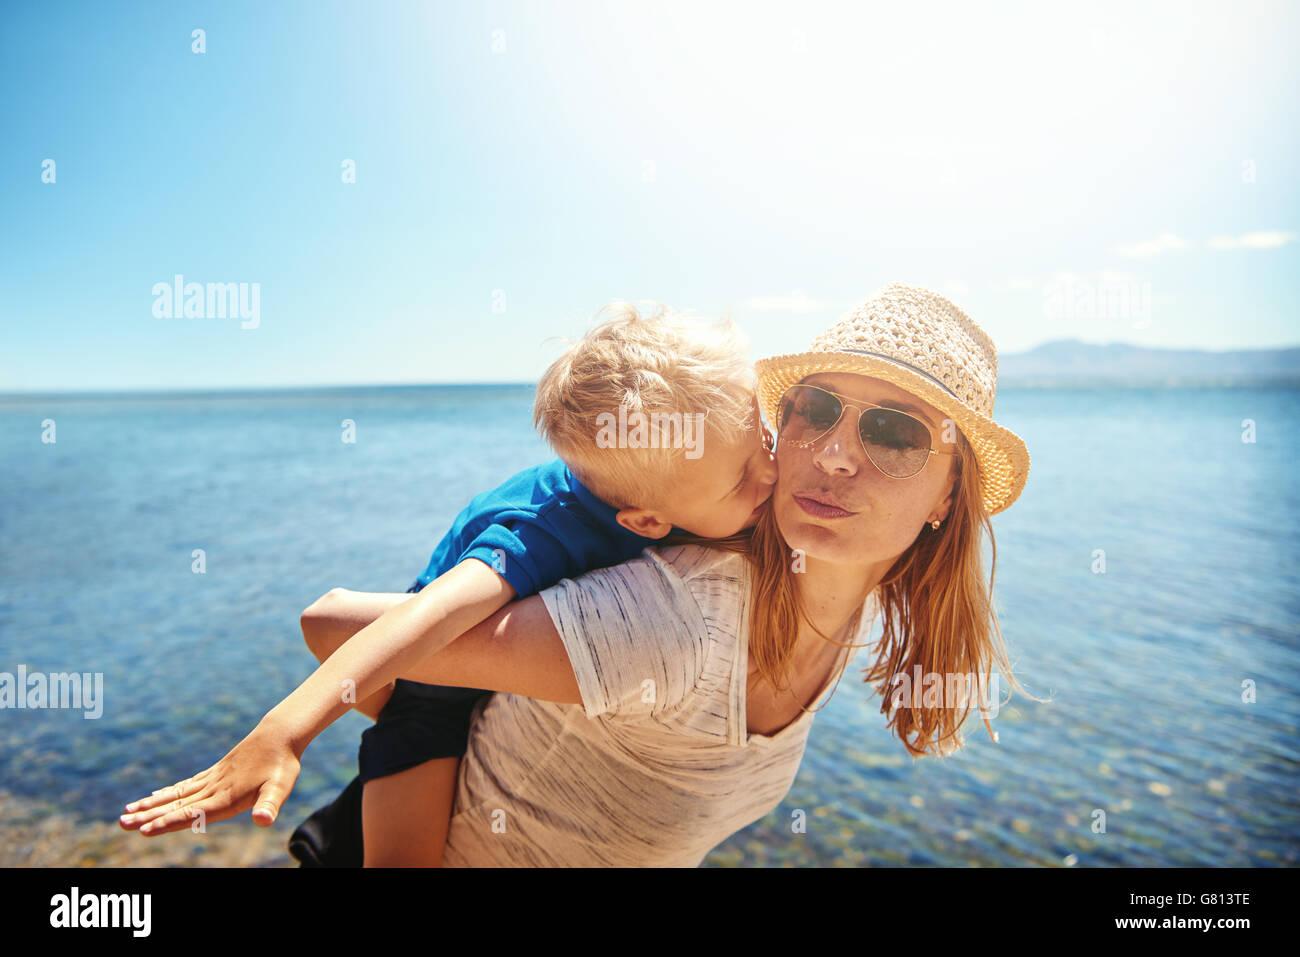 Liebevolle kleine Junge Reiten Huckepack gelehnt von hinten nach vorne und küsste seine Mutter in ein bewegender Stockbild